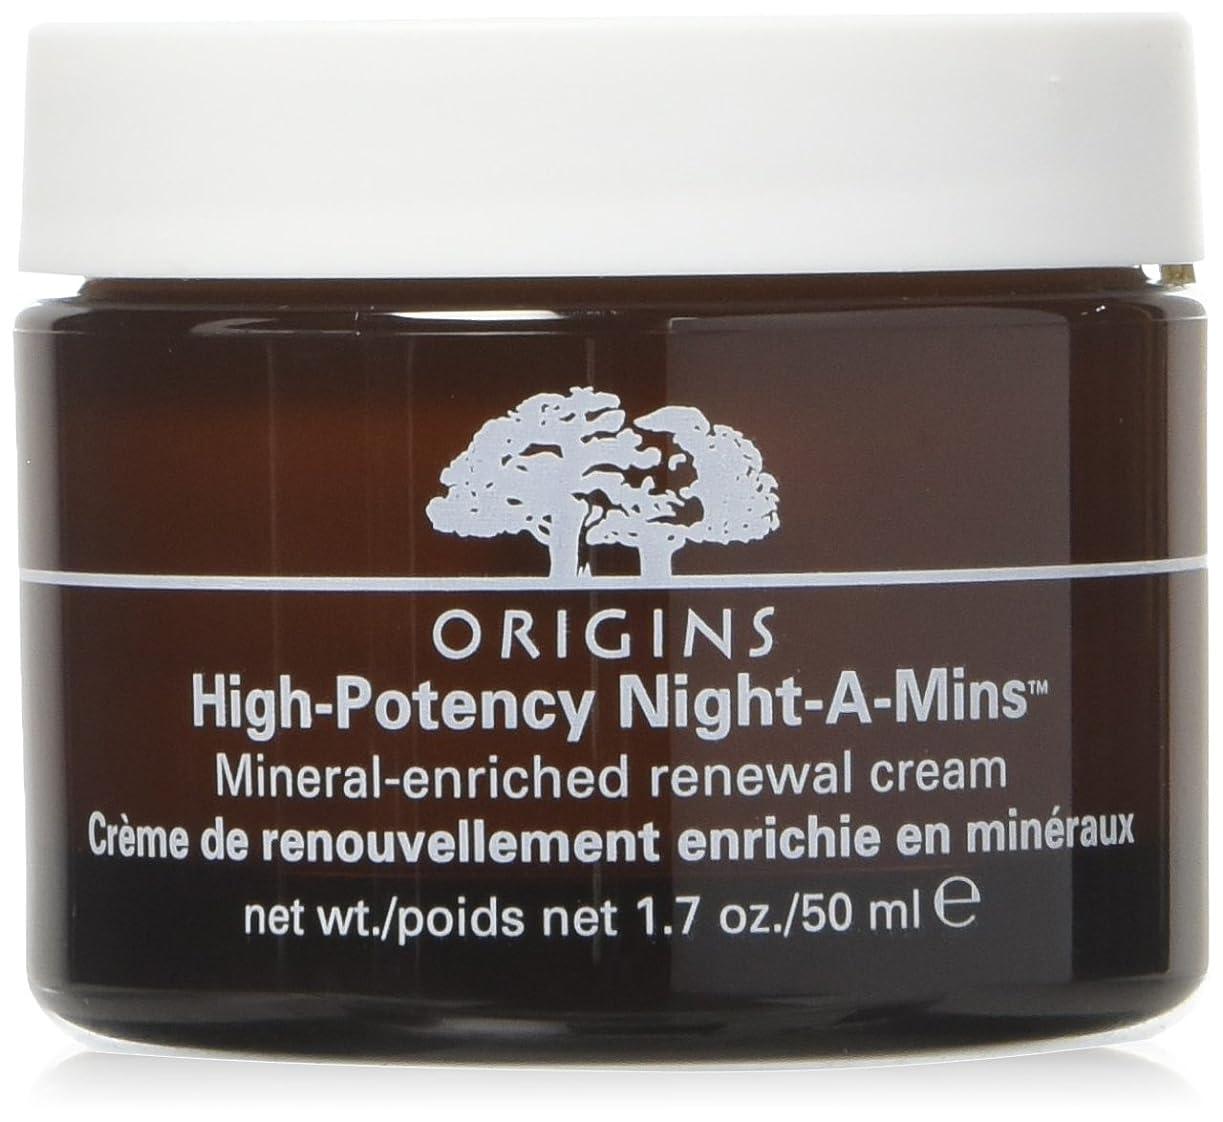 例可塑性夜オリジンズ ハイポテンシーナイトアミンスミネラルエンリッチドリニューアルクリーム 50ml[167728][並行輸入商品]